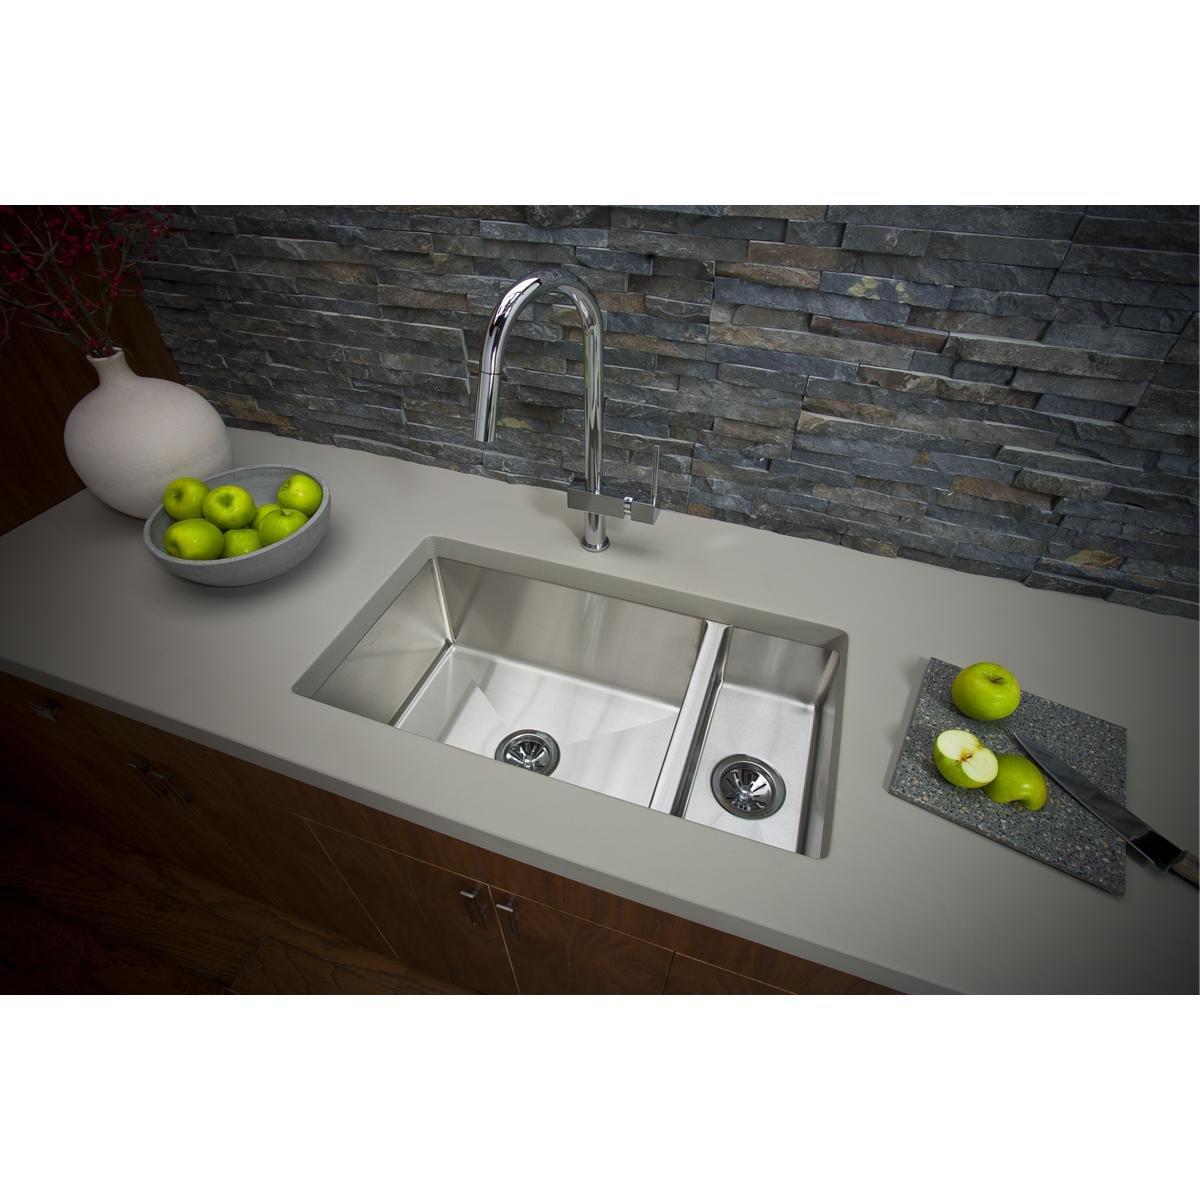 Elkay EFRU3219 Crosstown 30 70 Double Bowl Undermount Stainless Steel Sink